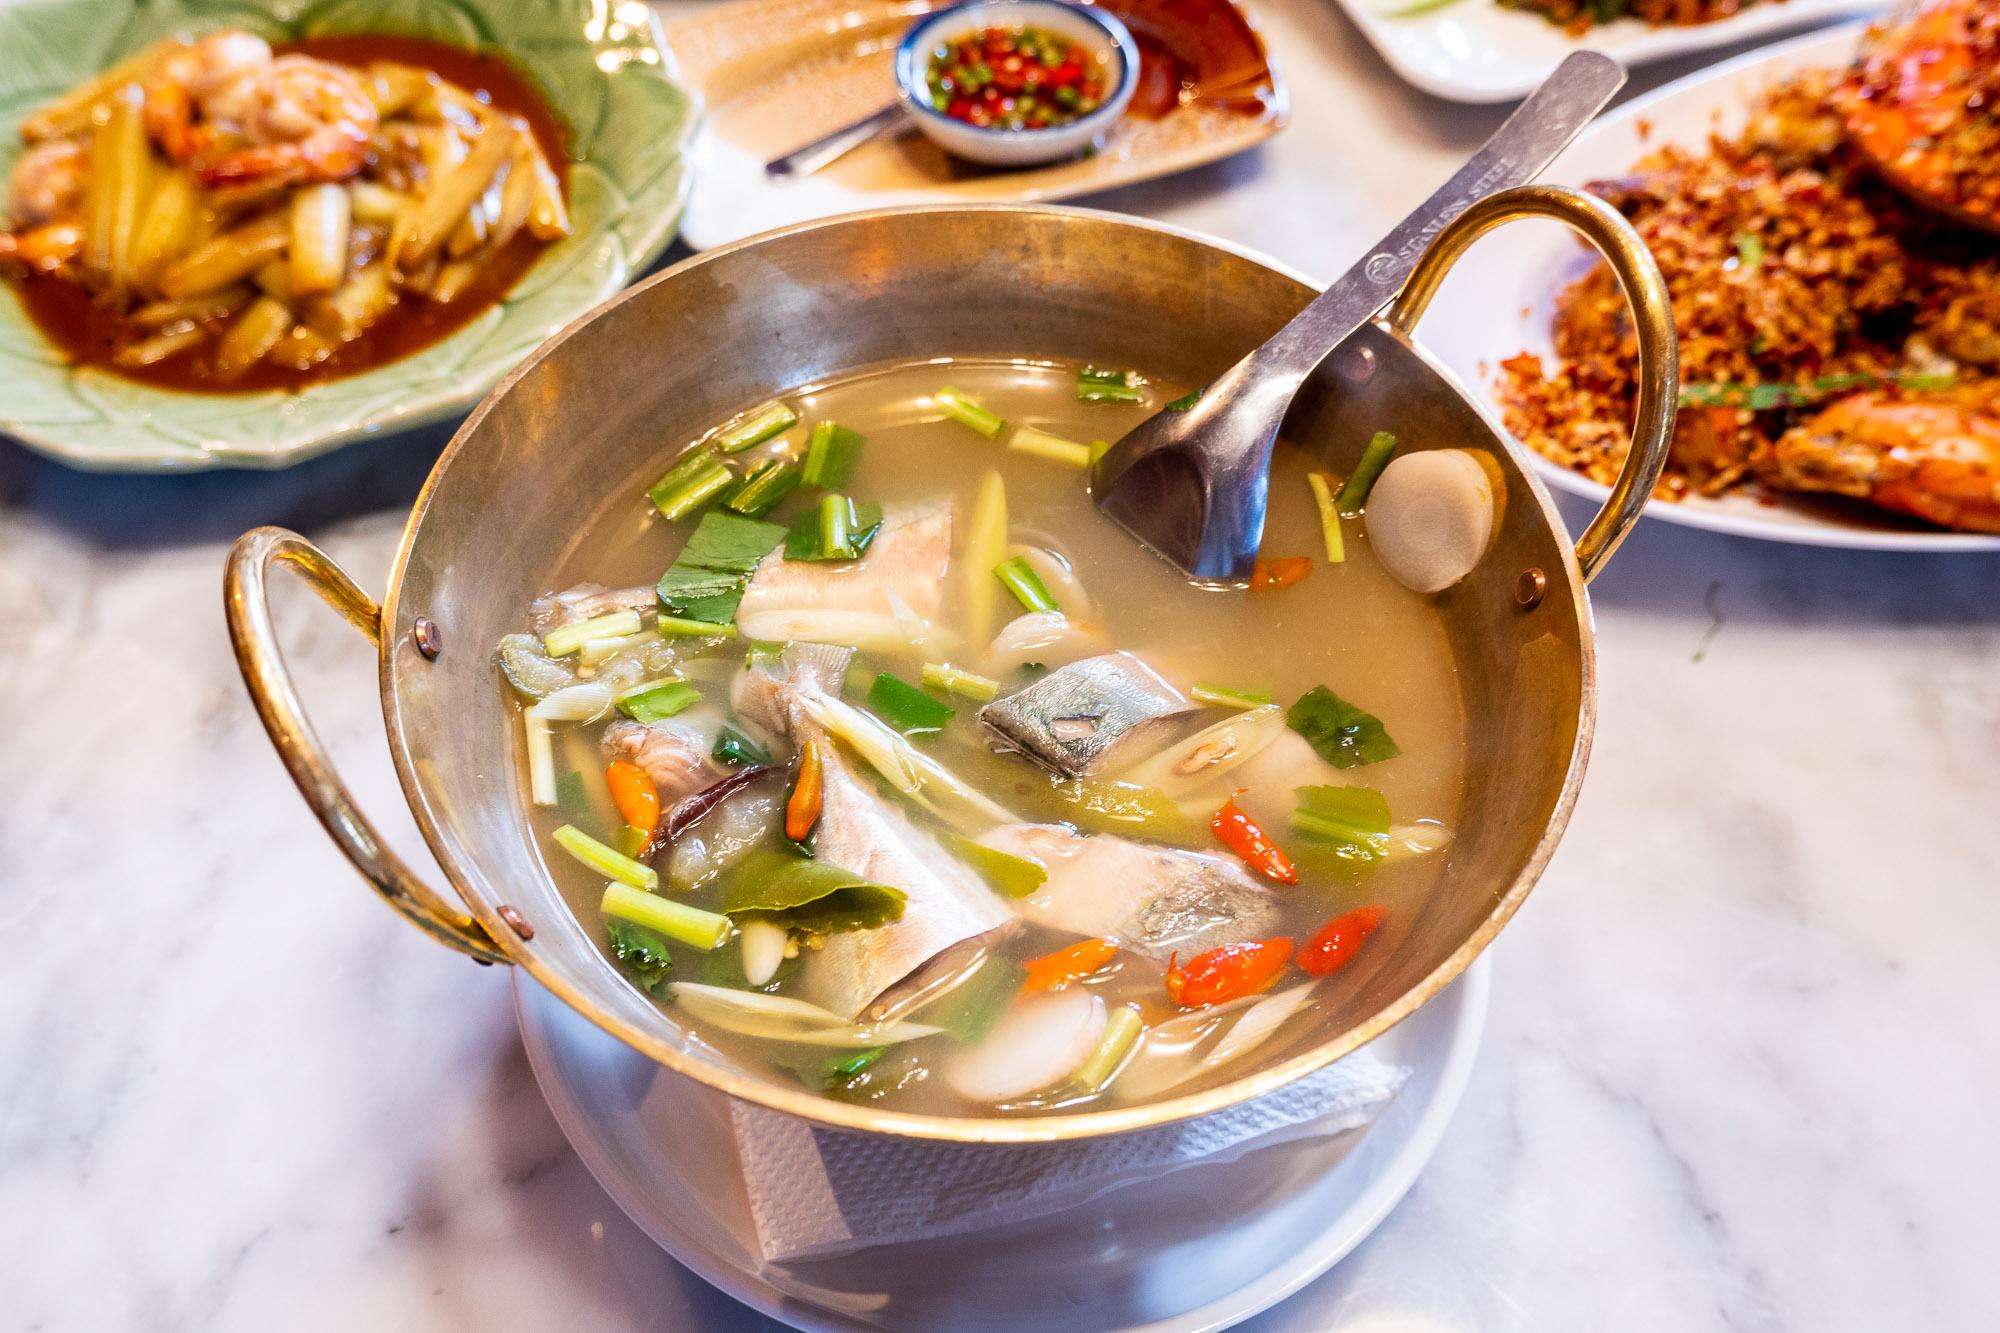 ปลาทูต้มมะดัน  อำแดงไต้ฝุ่น อาหารไทยโบราณรสเลิศ  สุขุมวิท 32 DSCF0146